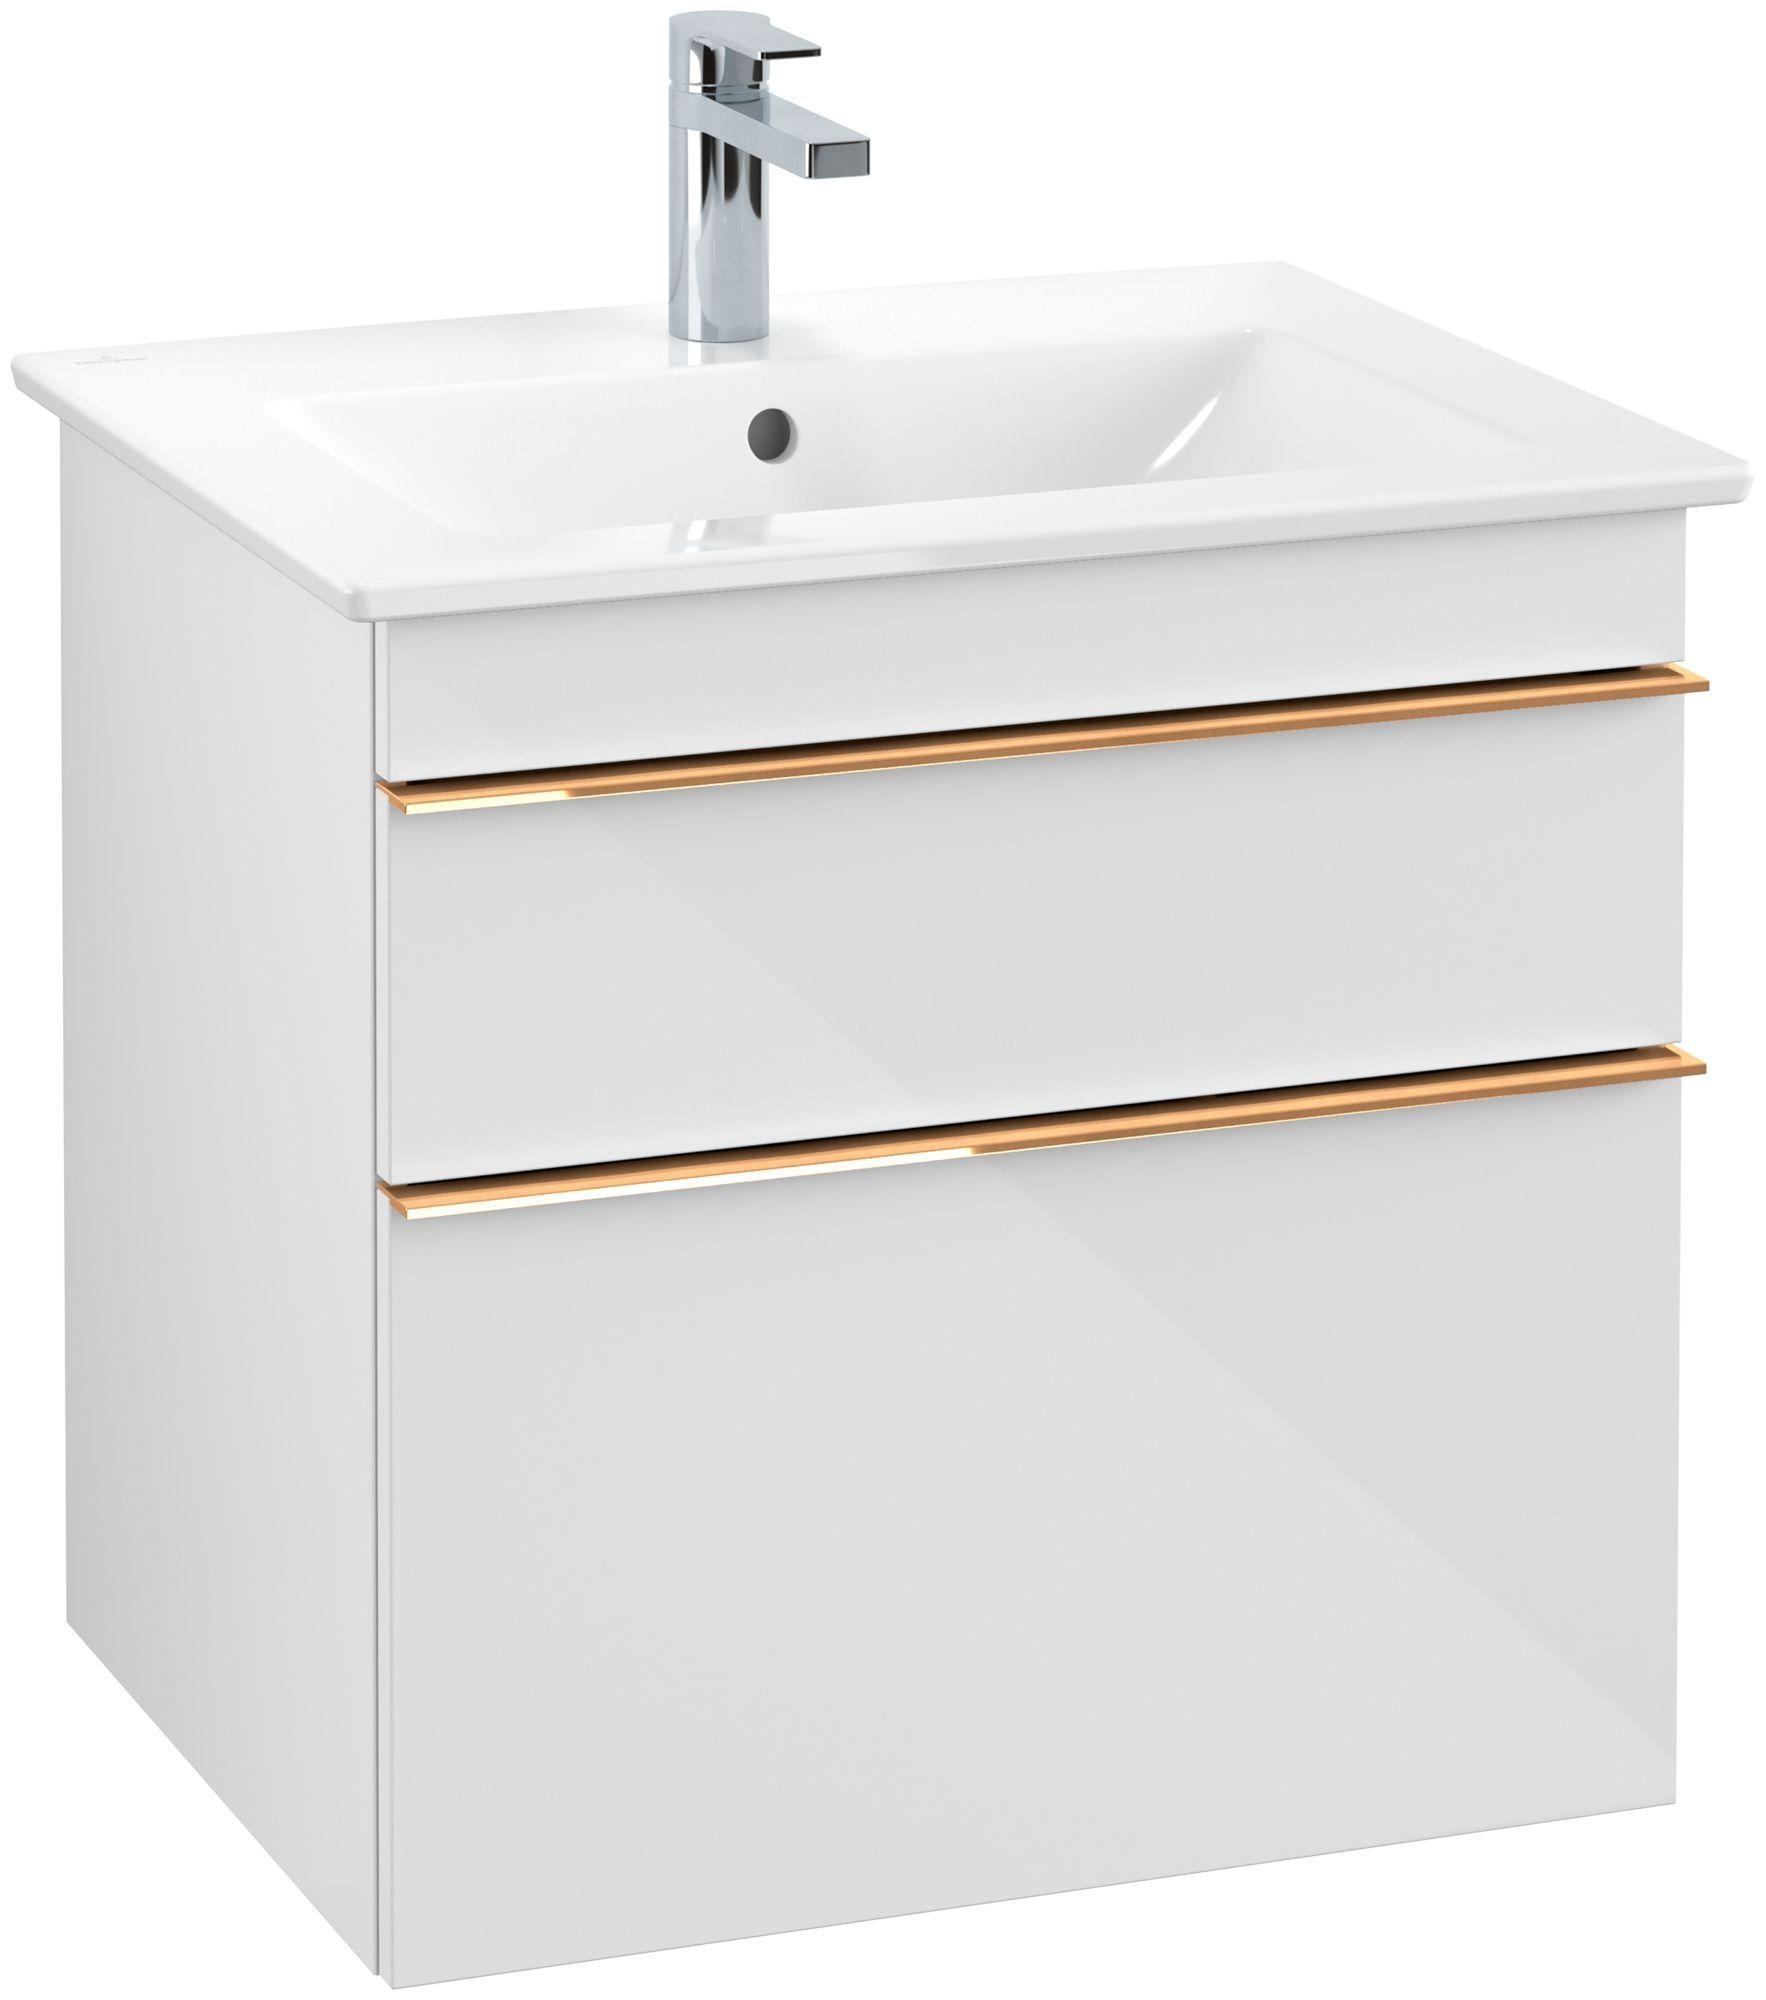 Villeroy & Boch Venticello Waschtischunterschrank 2 Auszüge B:60,3xH:59xT:50,2cm glossy white Griffe copper A92405DH